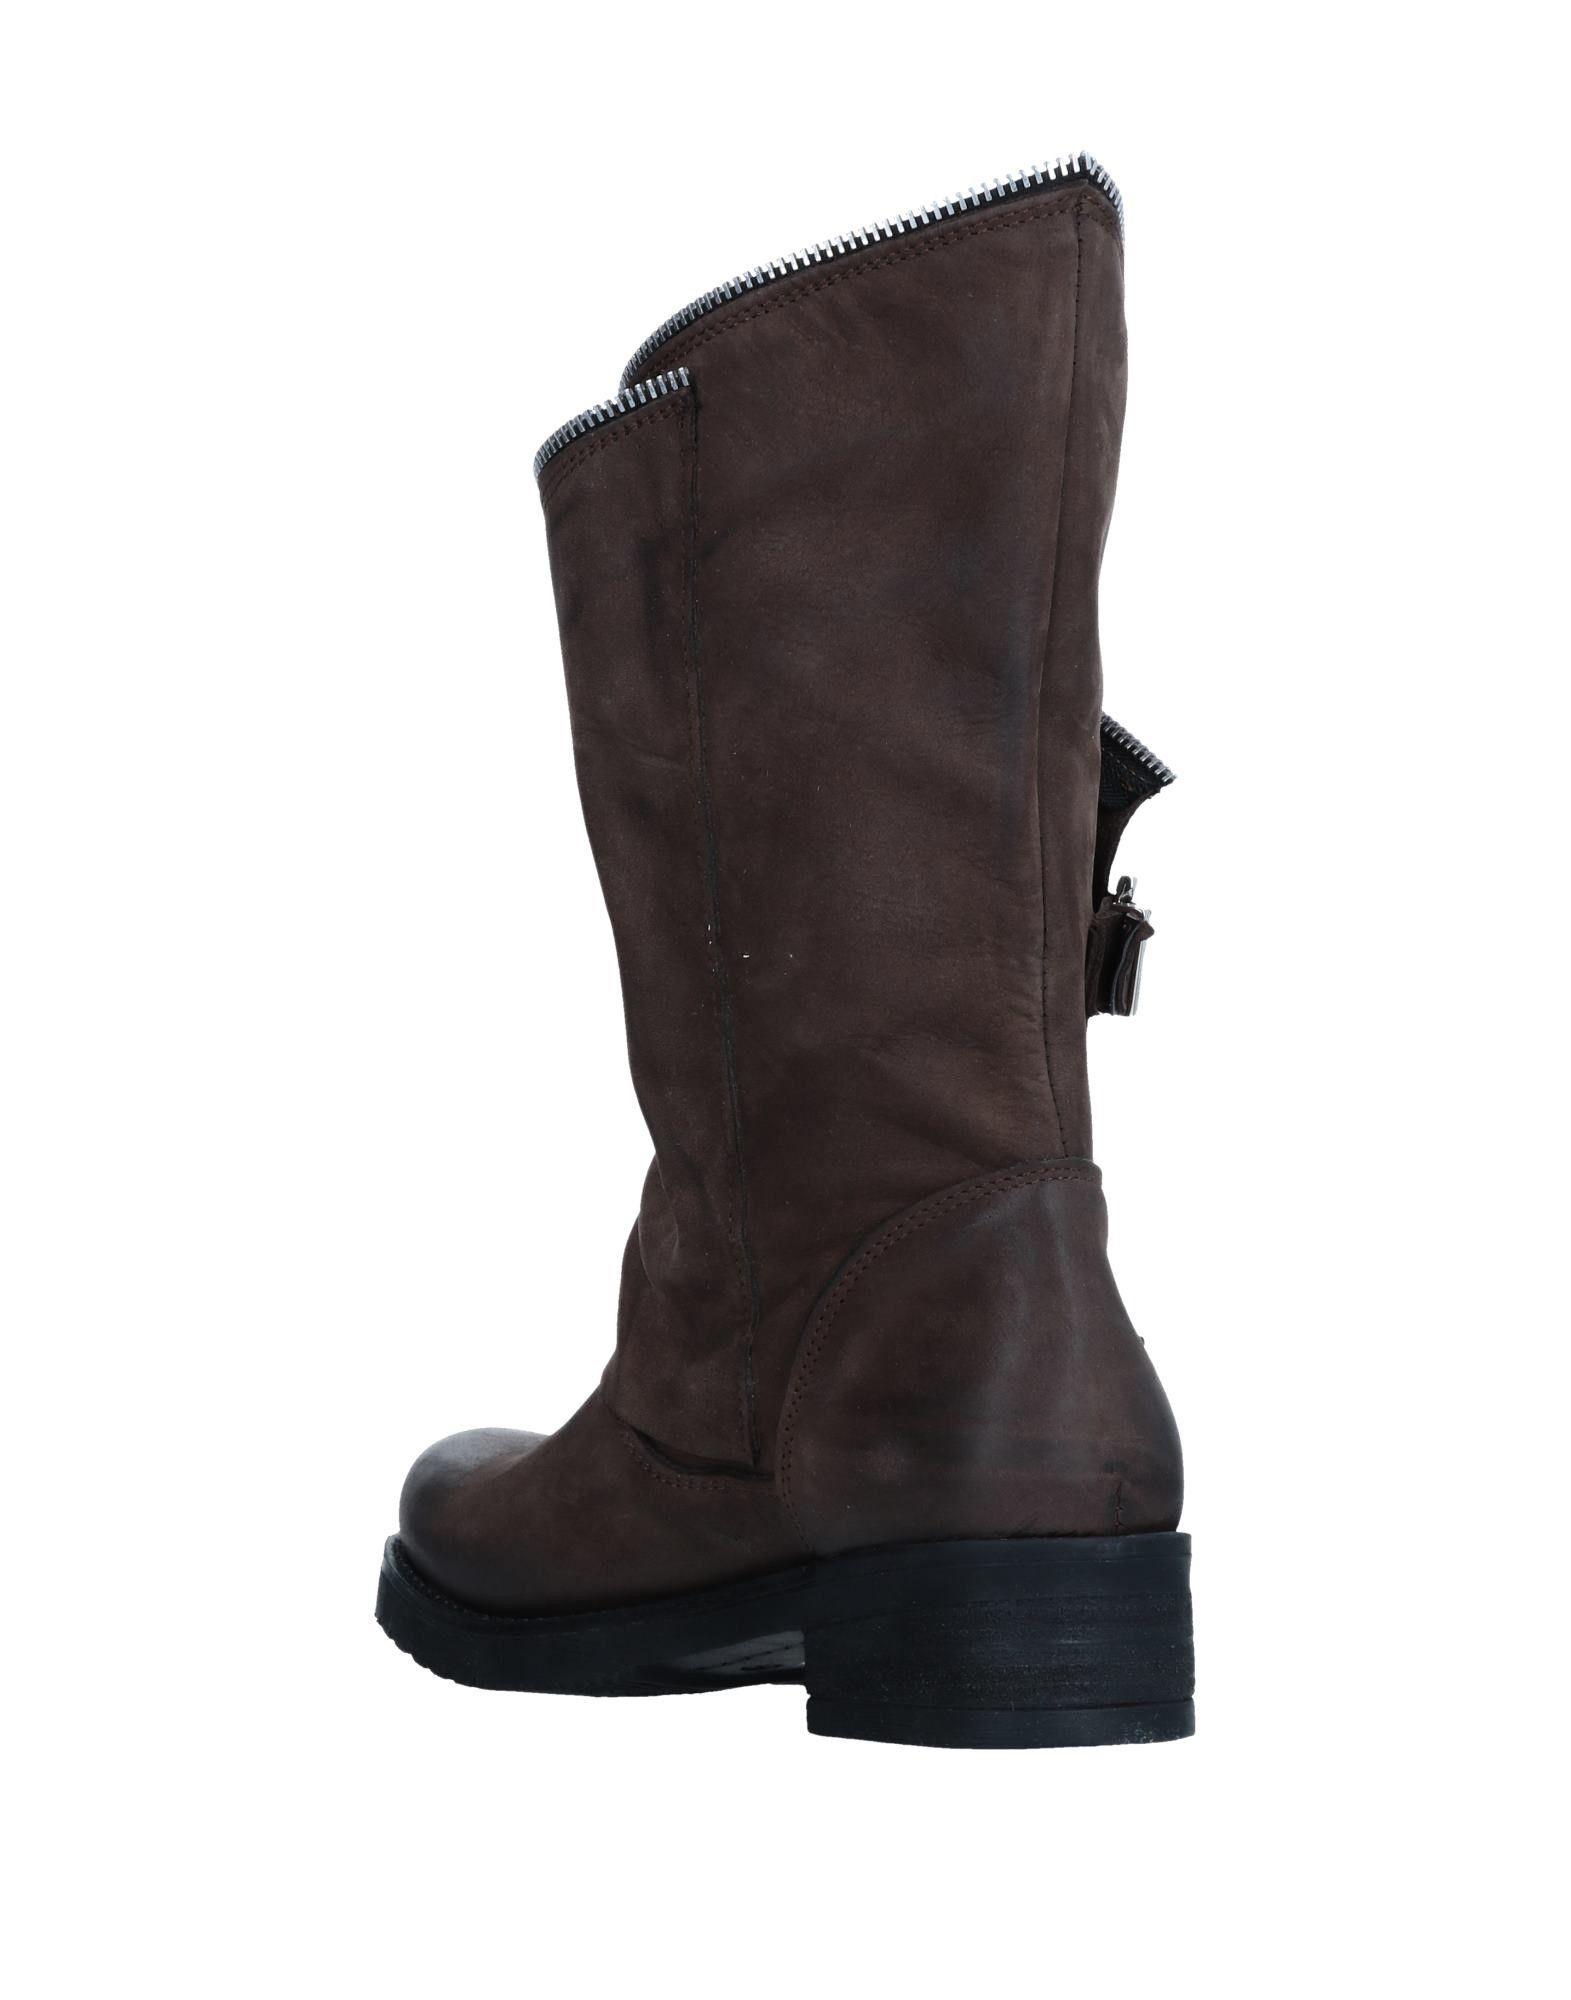 Billig-2767,Brawn's Stiefel Damen es Gutes Preis-Leistungs-Verhältnis, es Damen lohnt sich 2b4f90